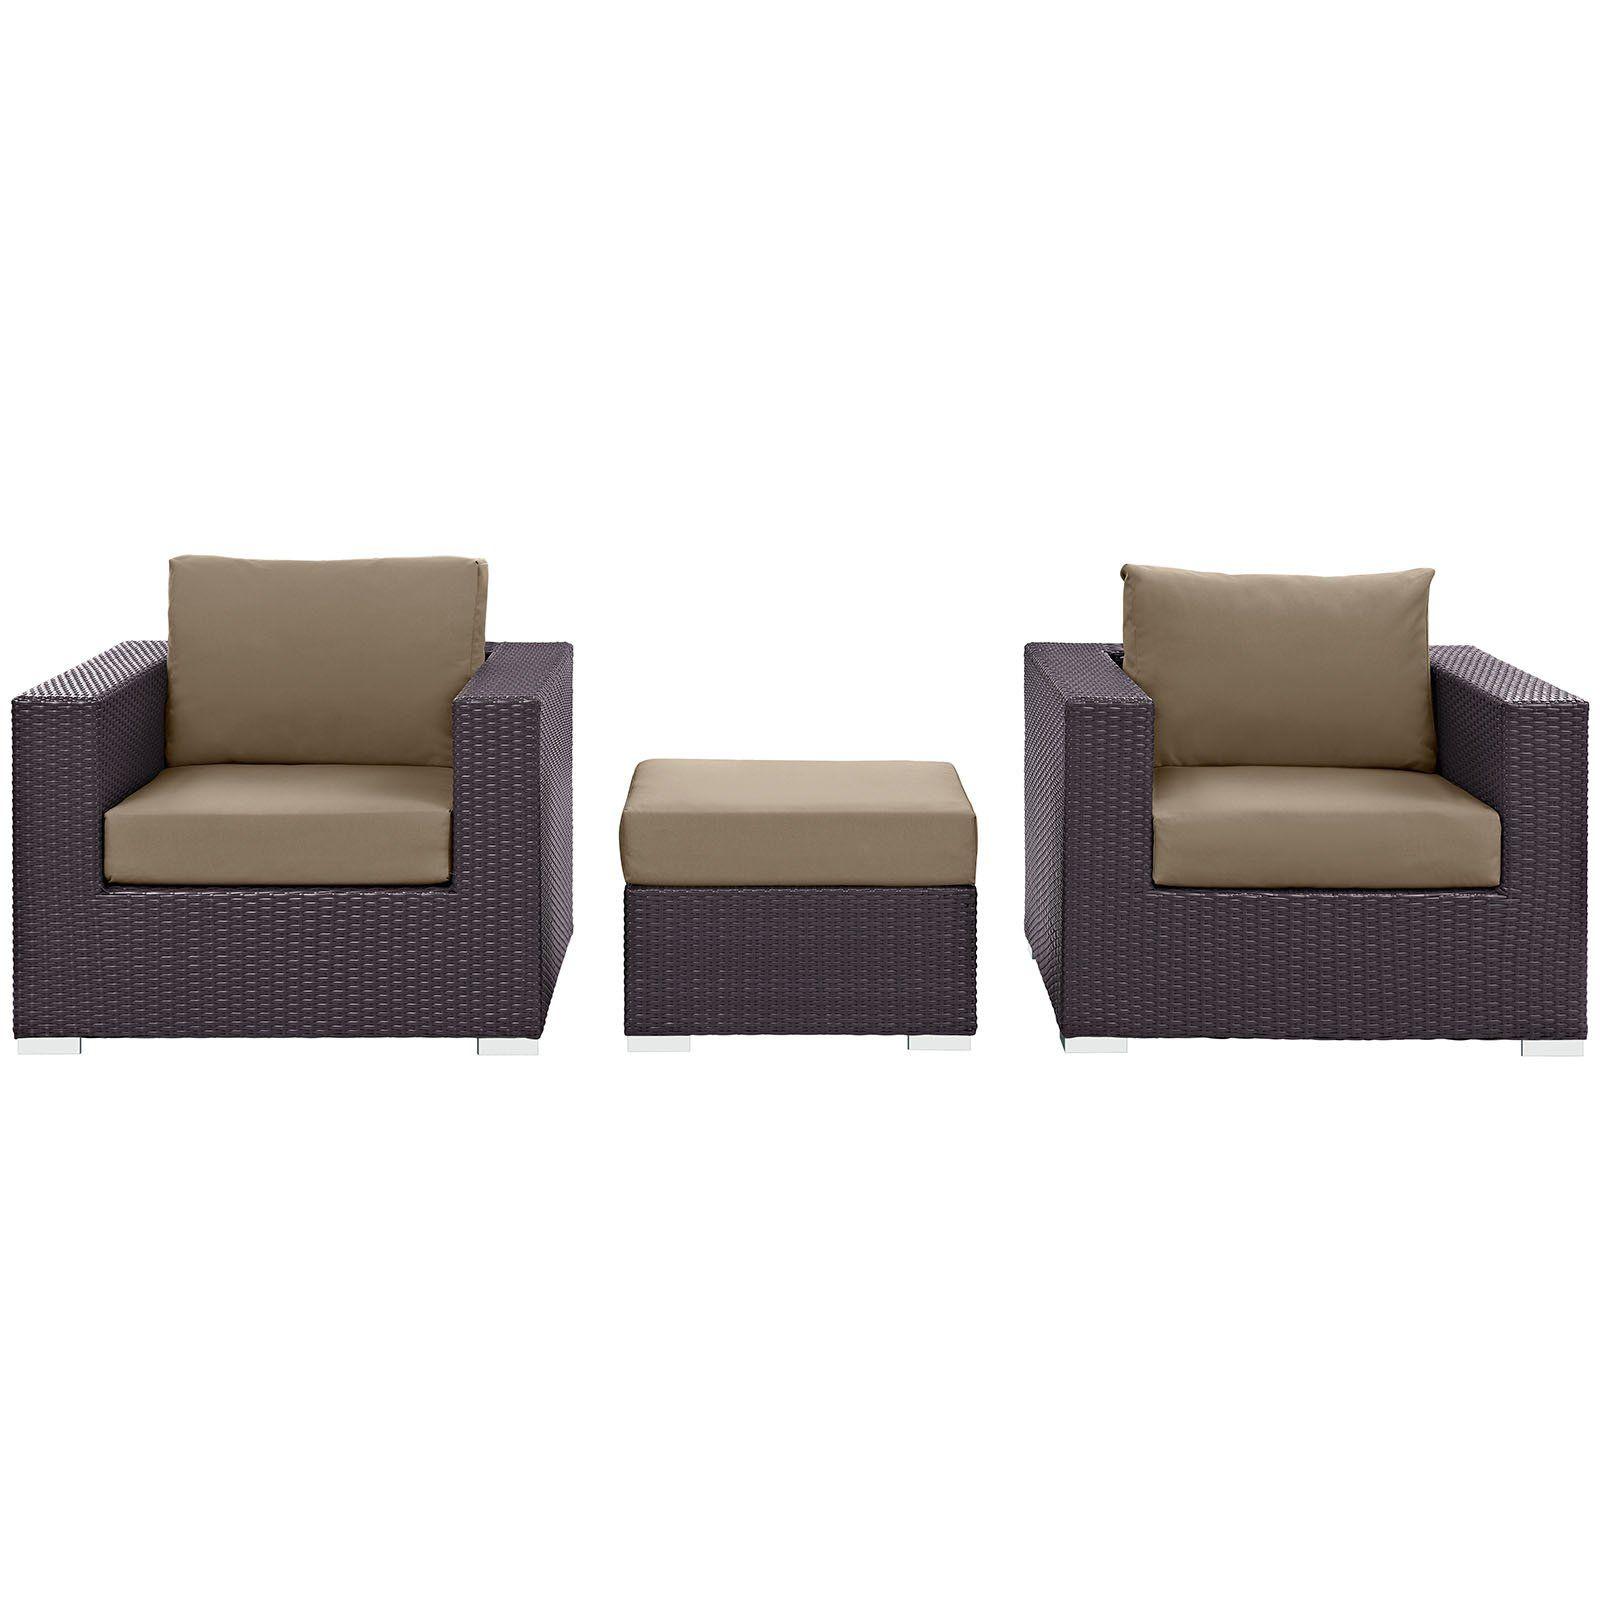 modway 3 piece convene outdoor patio sofa set espresso mocha more rh pinterest com